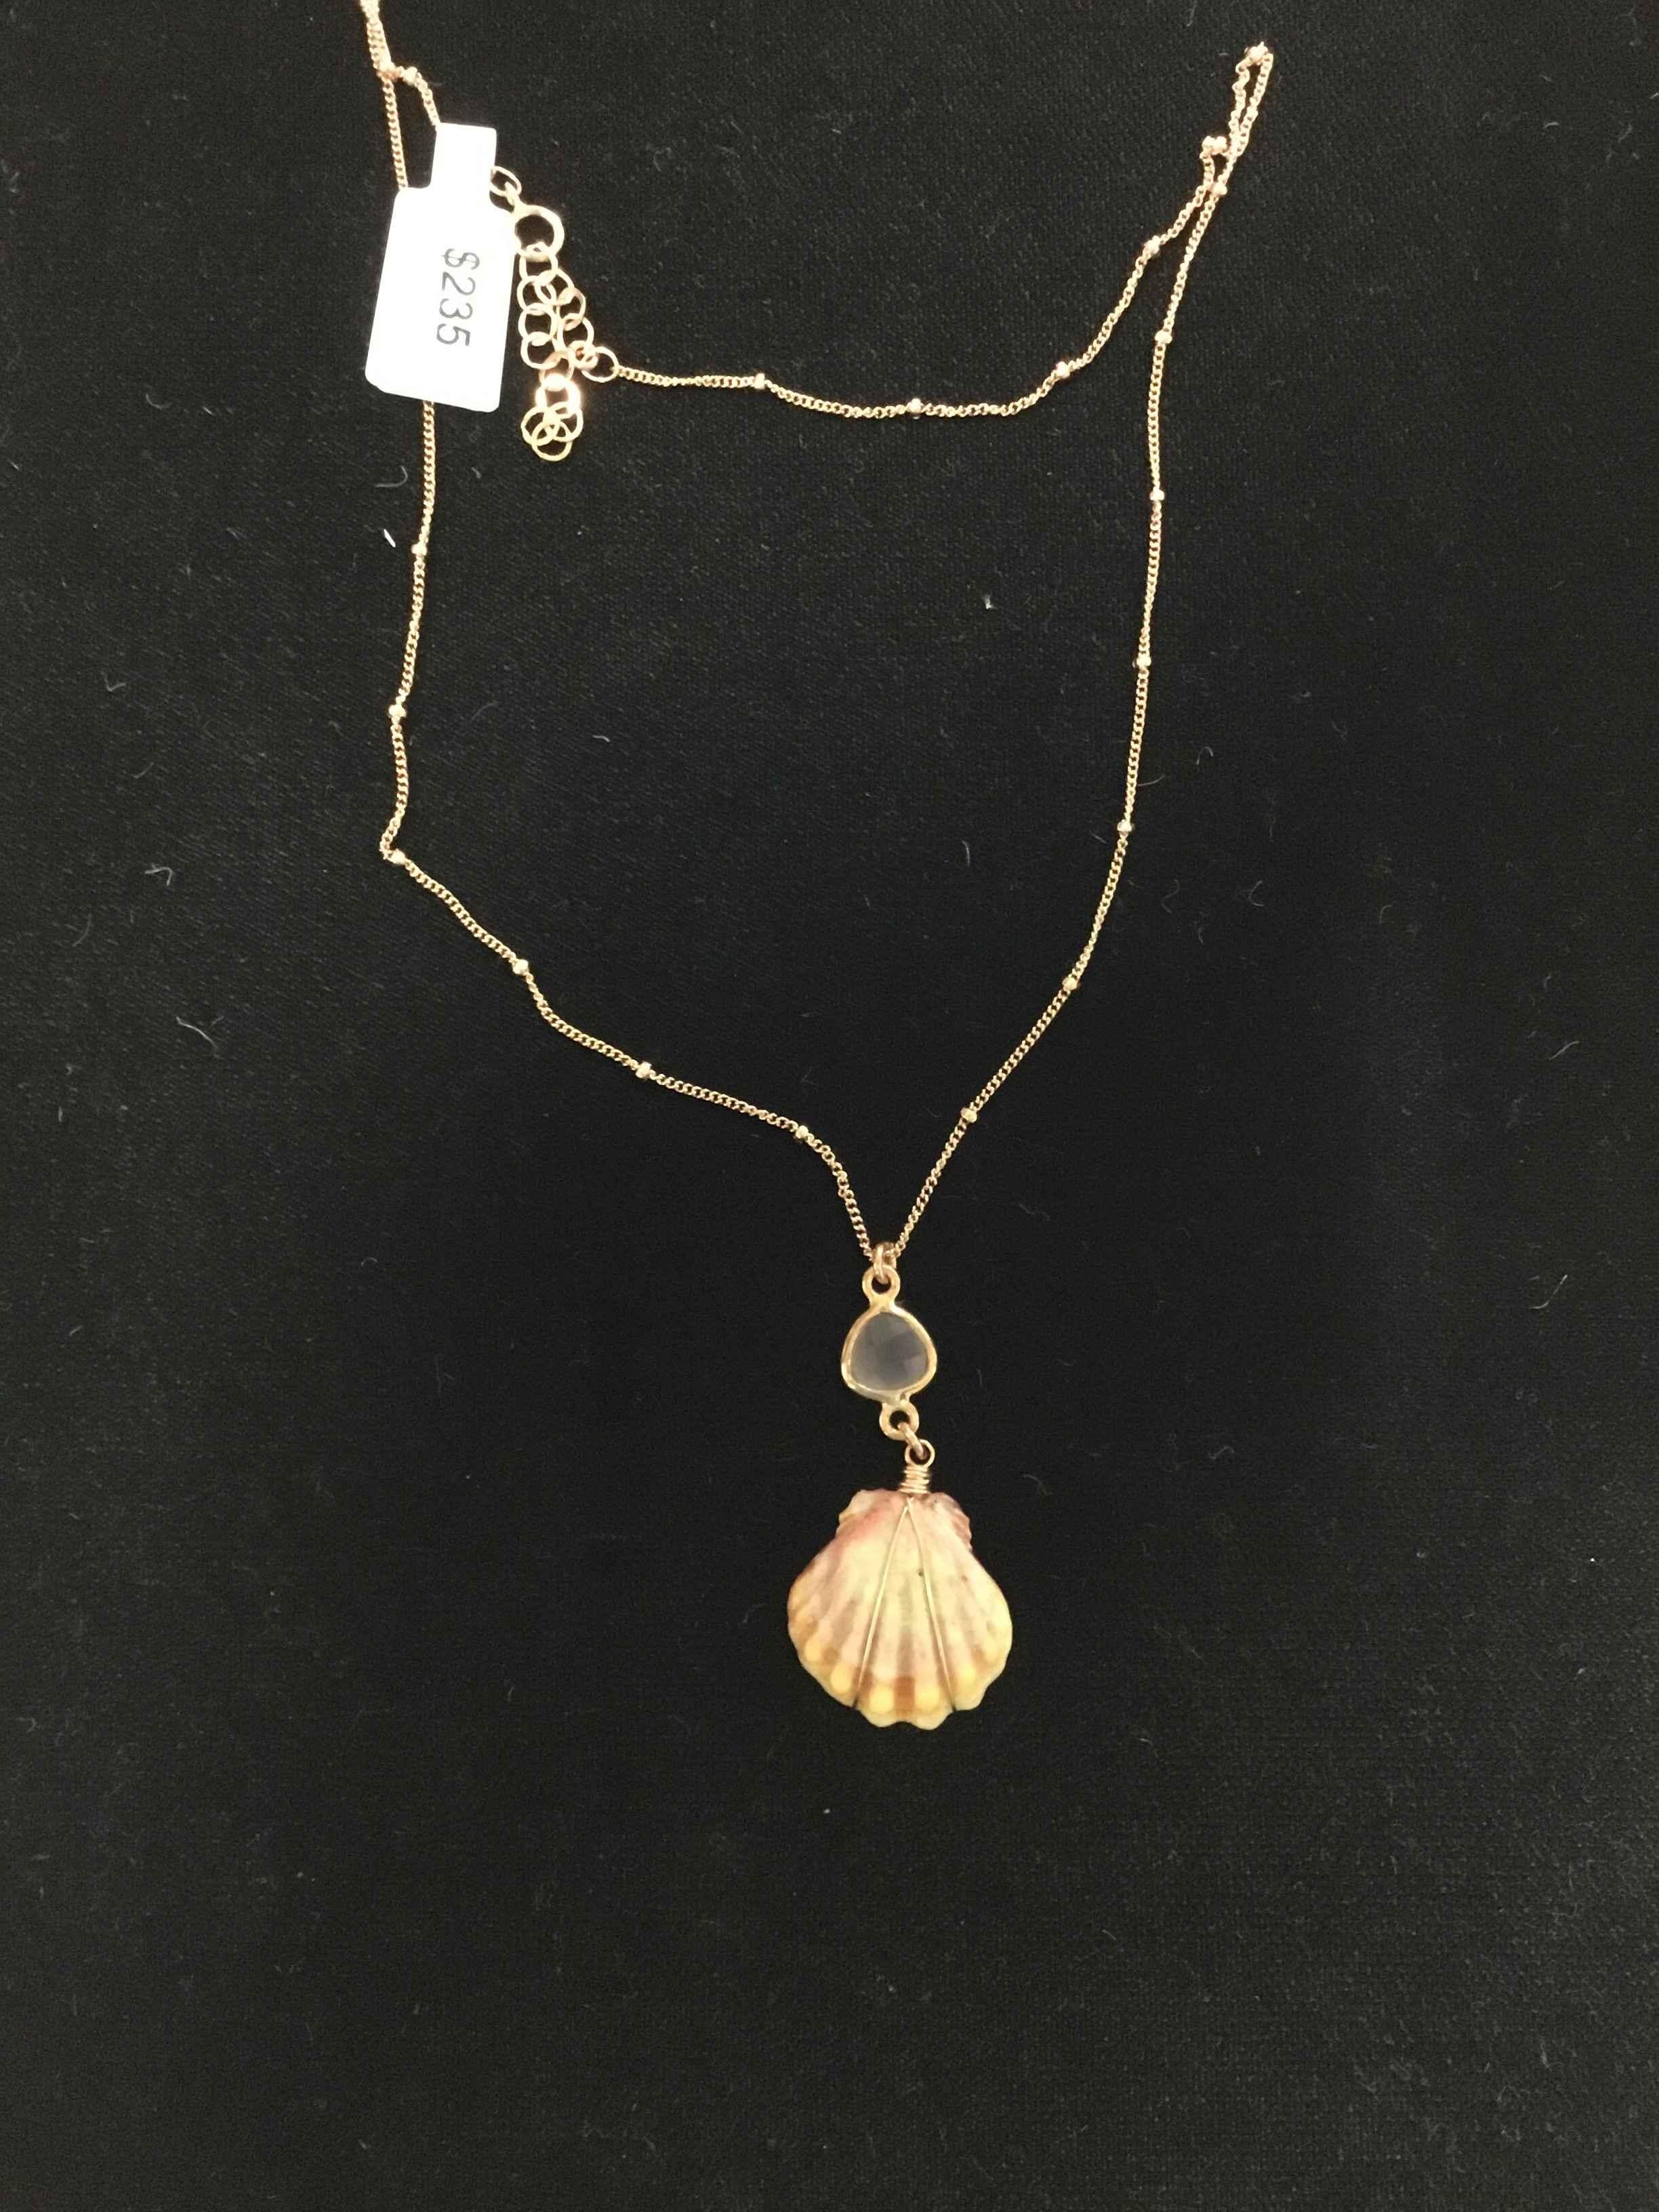 MJB40 14K Rose Gold S... by   Malacologie - Masterpiece Online